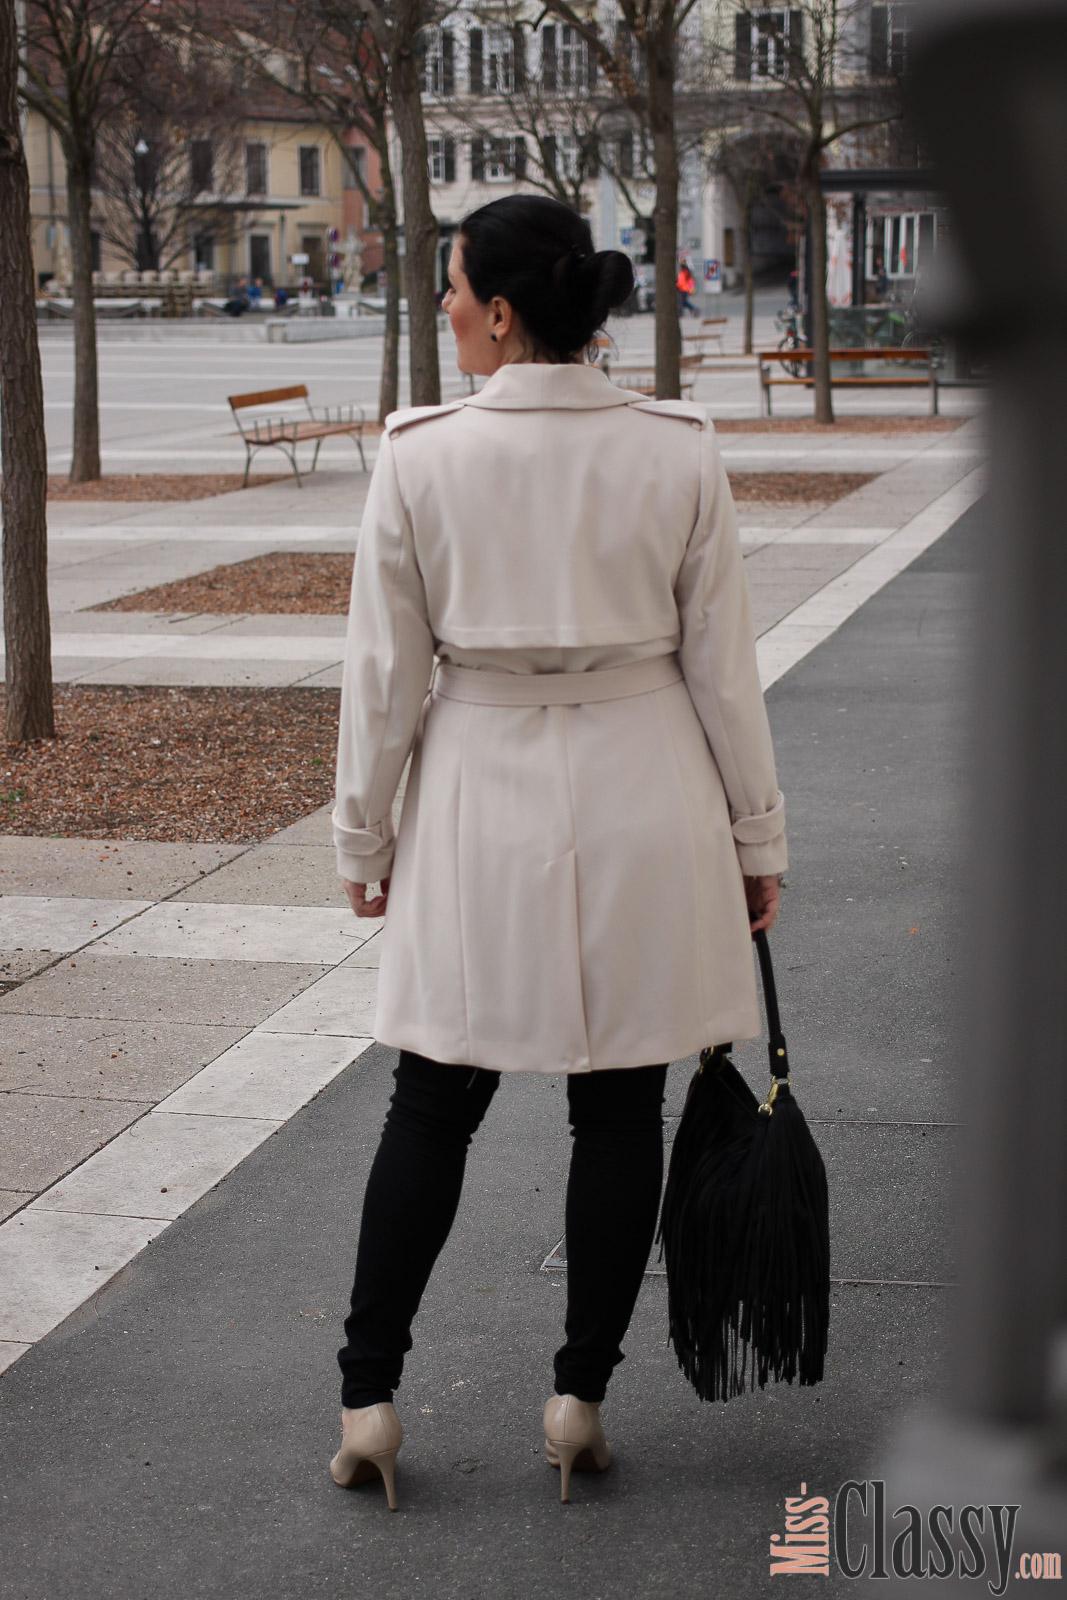 OUTFIT Beiger Mantel von H&M, Miss Classy, miss-classy.com, Fashionblog, Fashionblogger, Fashionblog Graz, Lifestyleblog Graz, Graz, Karmeliterplatz, Steiermark, Österreich, classy, beclassy, classy Fashion, Frühling in Graz, Outfit, Style, Fashion, Mode, OOTD, Beiger Mantel, Fransentasche, High Heels, Pumps